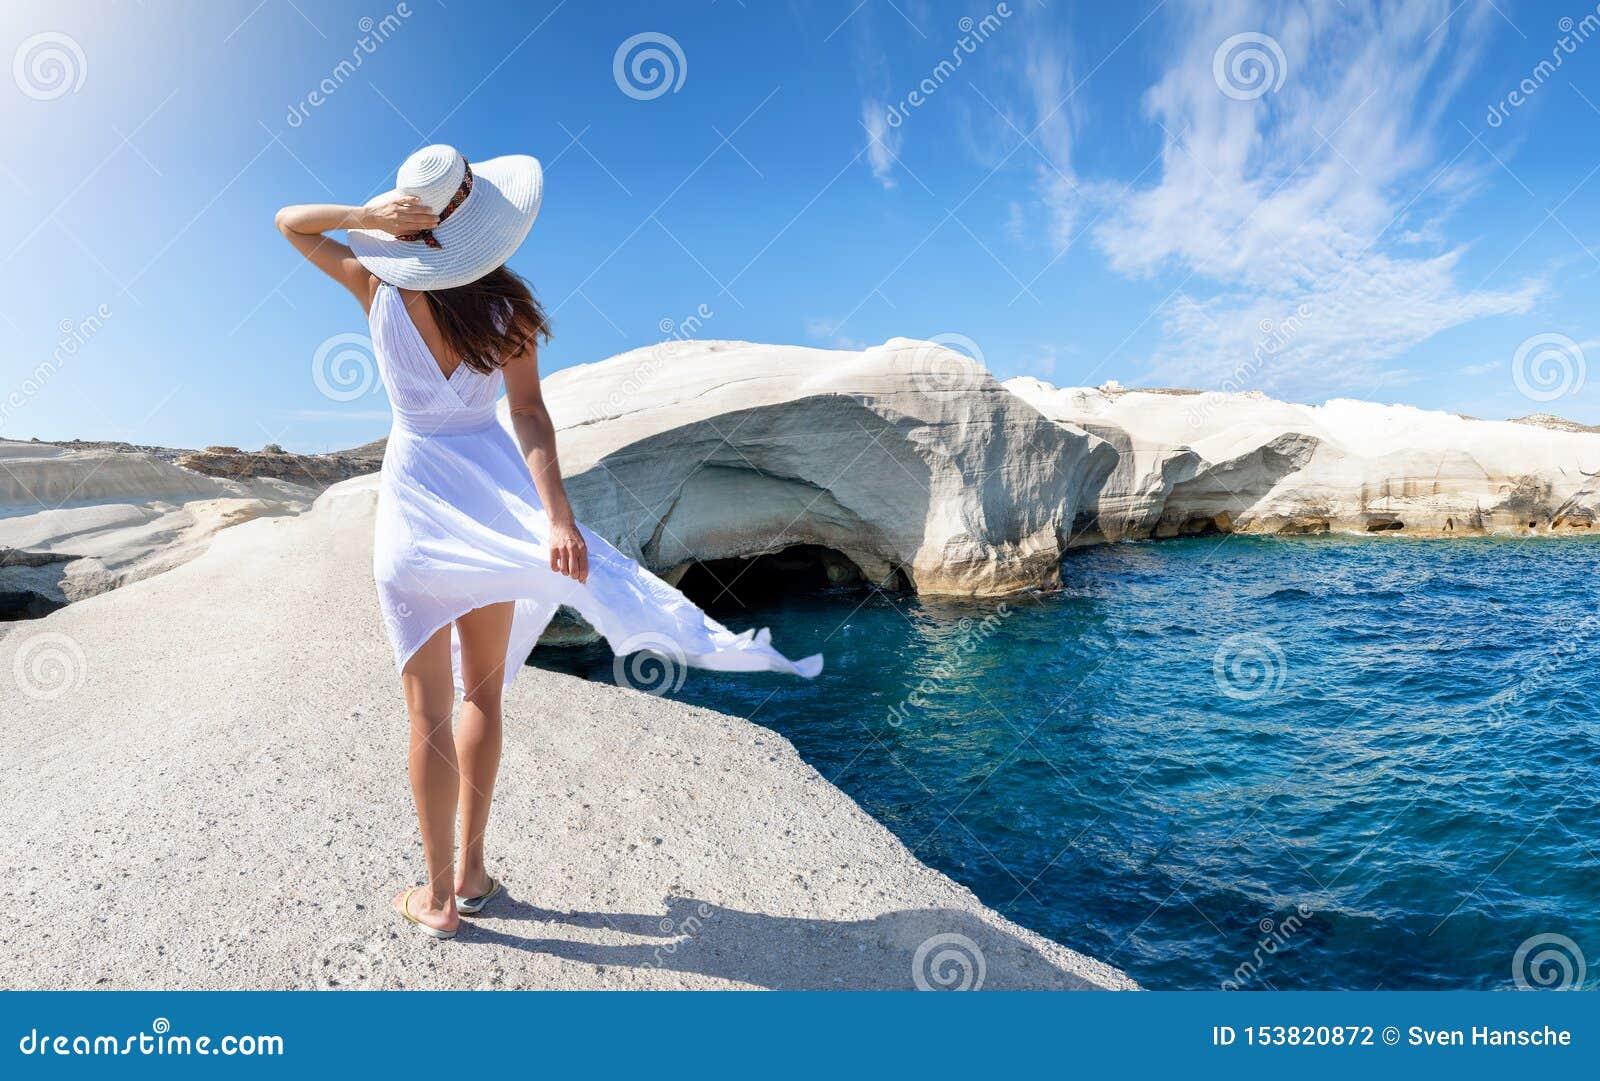 Frau geht auf Sarakiniko, auf der Insel von Milos, die Kykladen, Griechenland